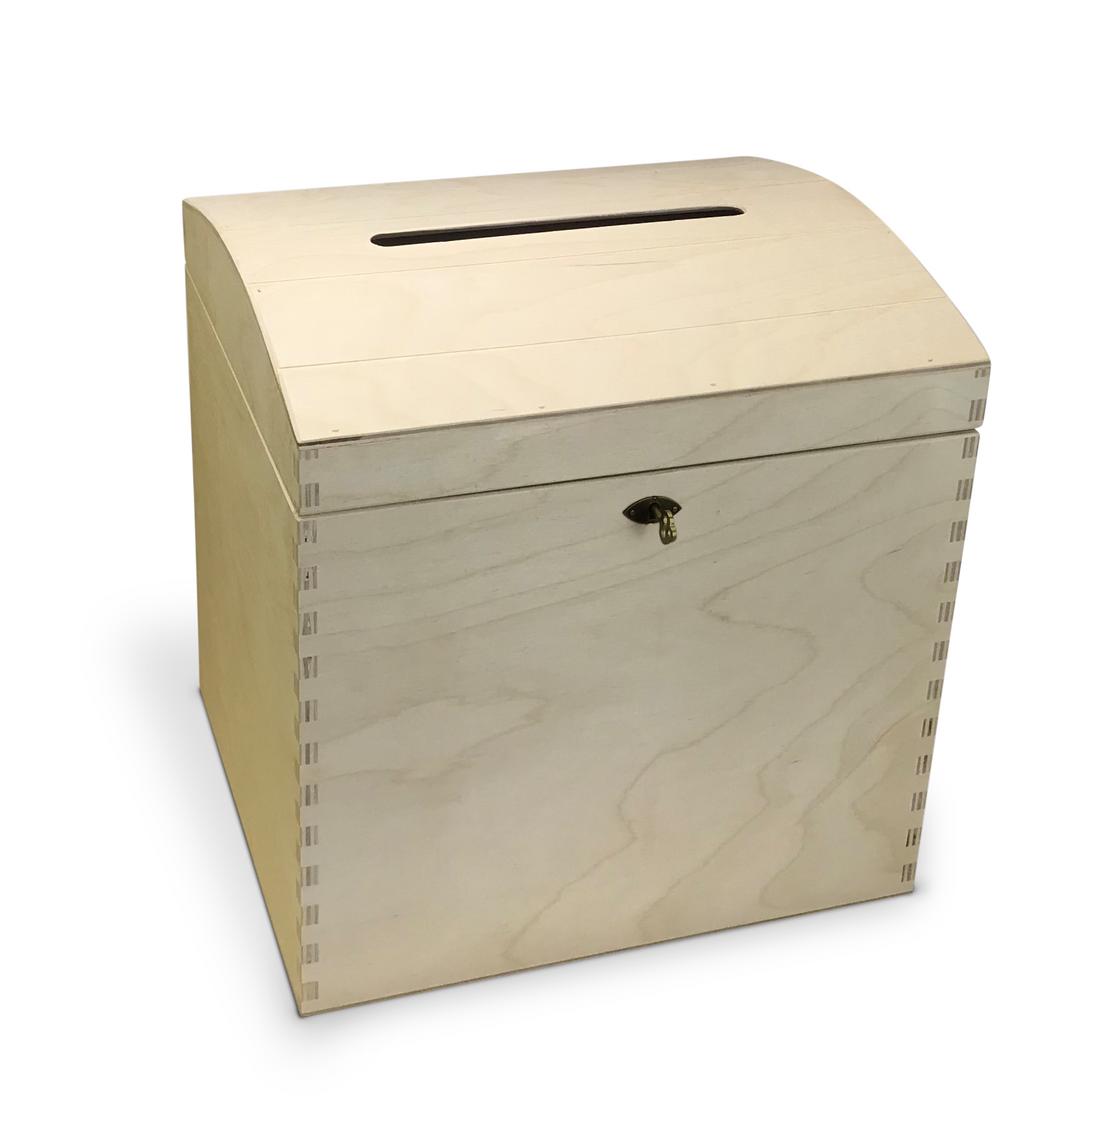 abschließbare Holz-Briefbox, Geschenkbox, Brief-Urne mit gewölbtem Deckel für Geldgeschenke und mehr